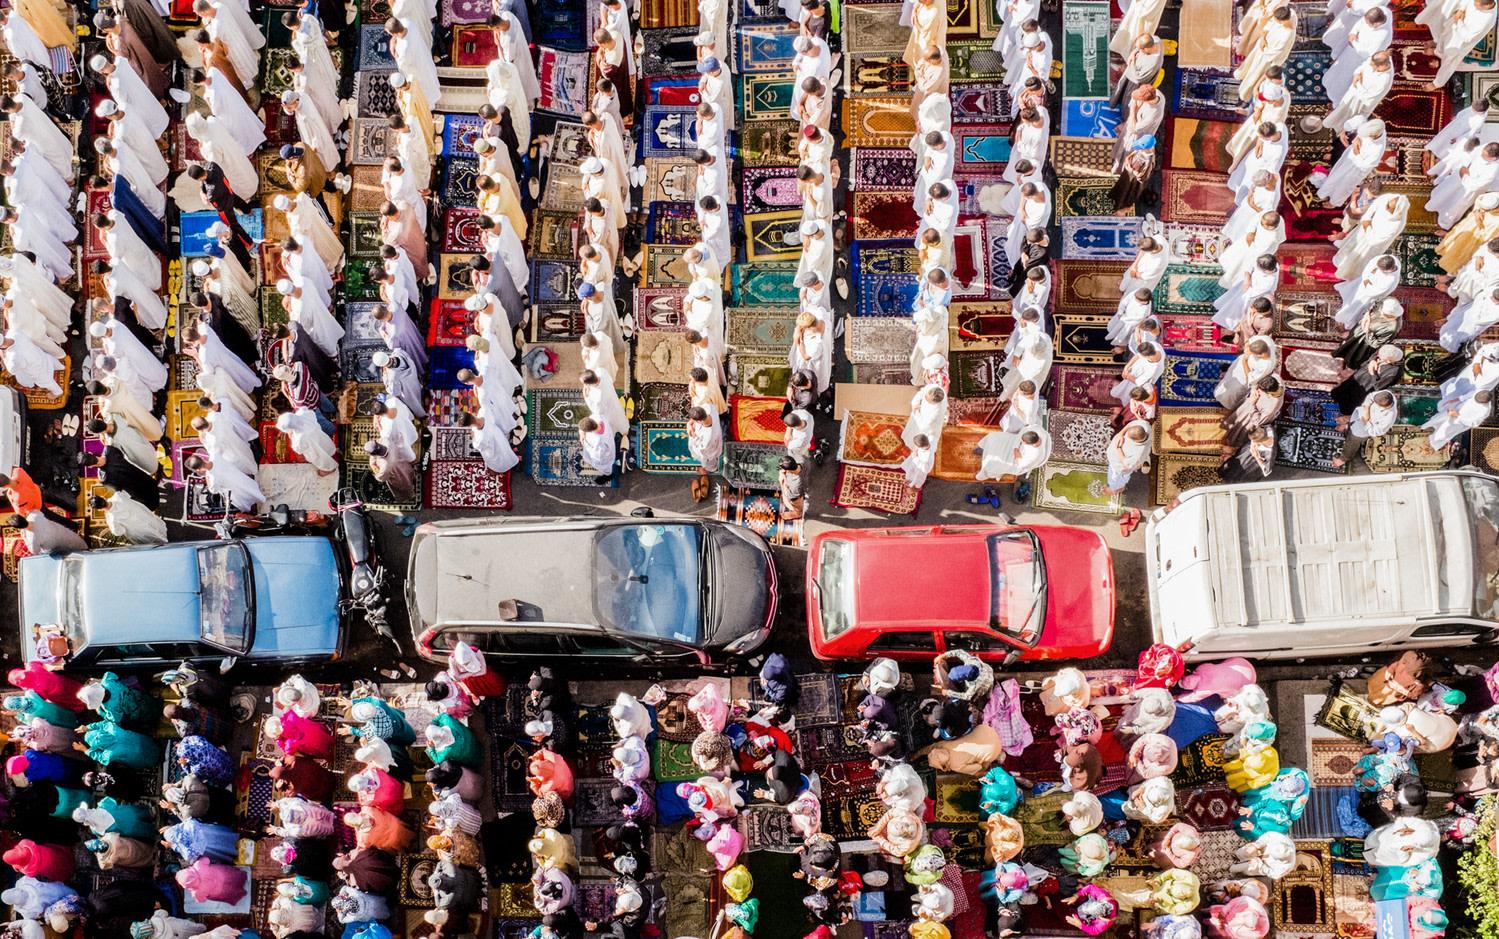 Voiture de location à Marrakech - Voitures circulants pendant la prière au Maroc